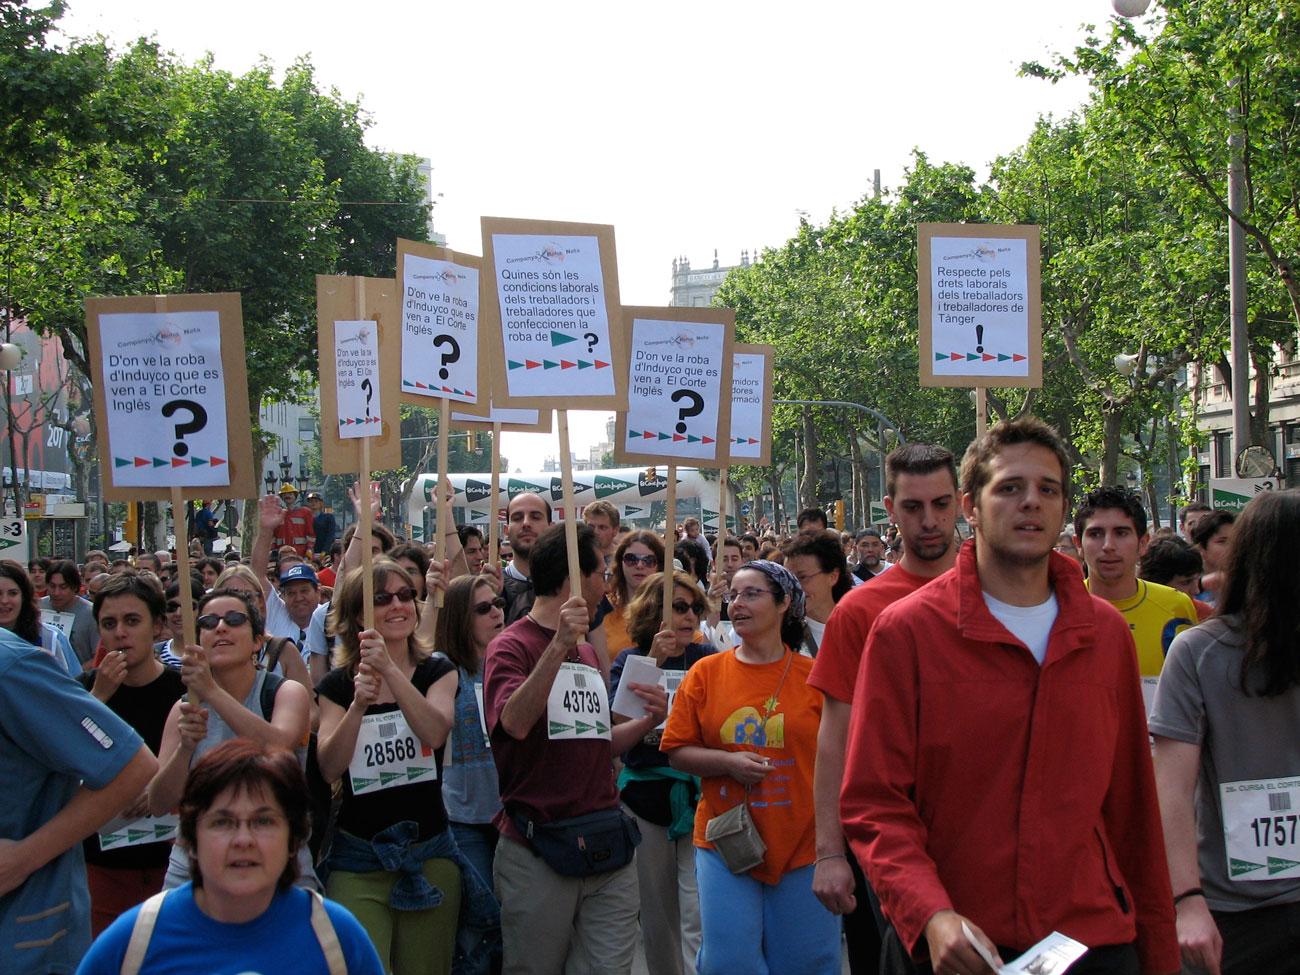 Protesta contra El Corte Inglés / Setem